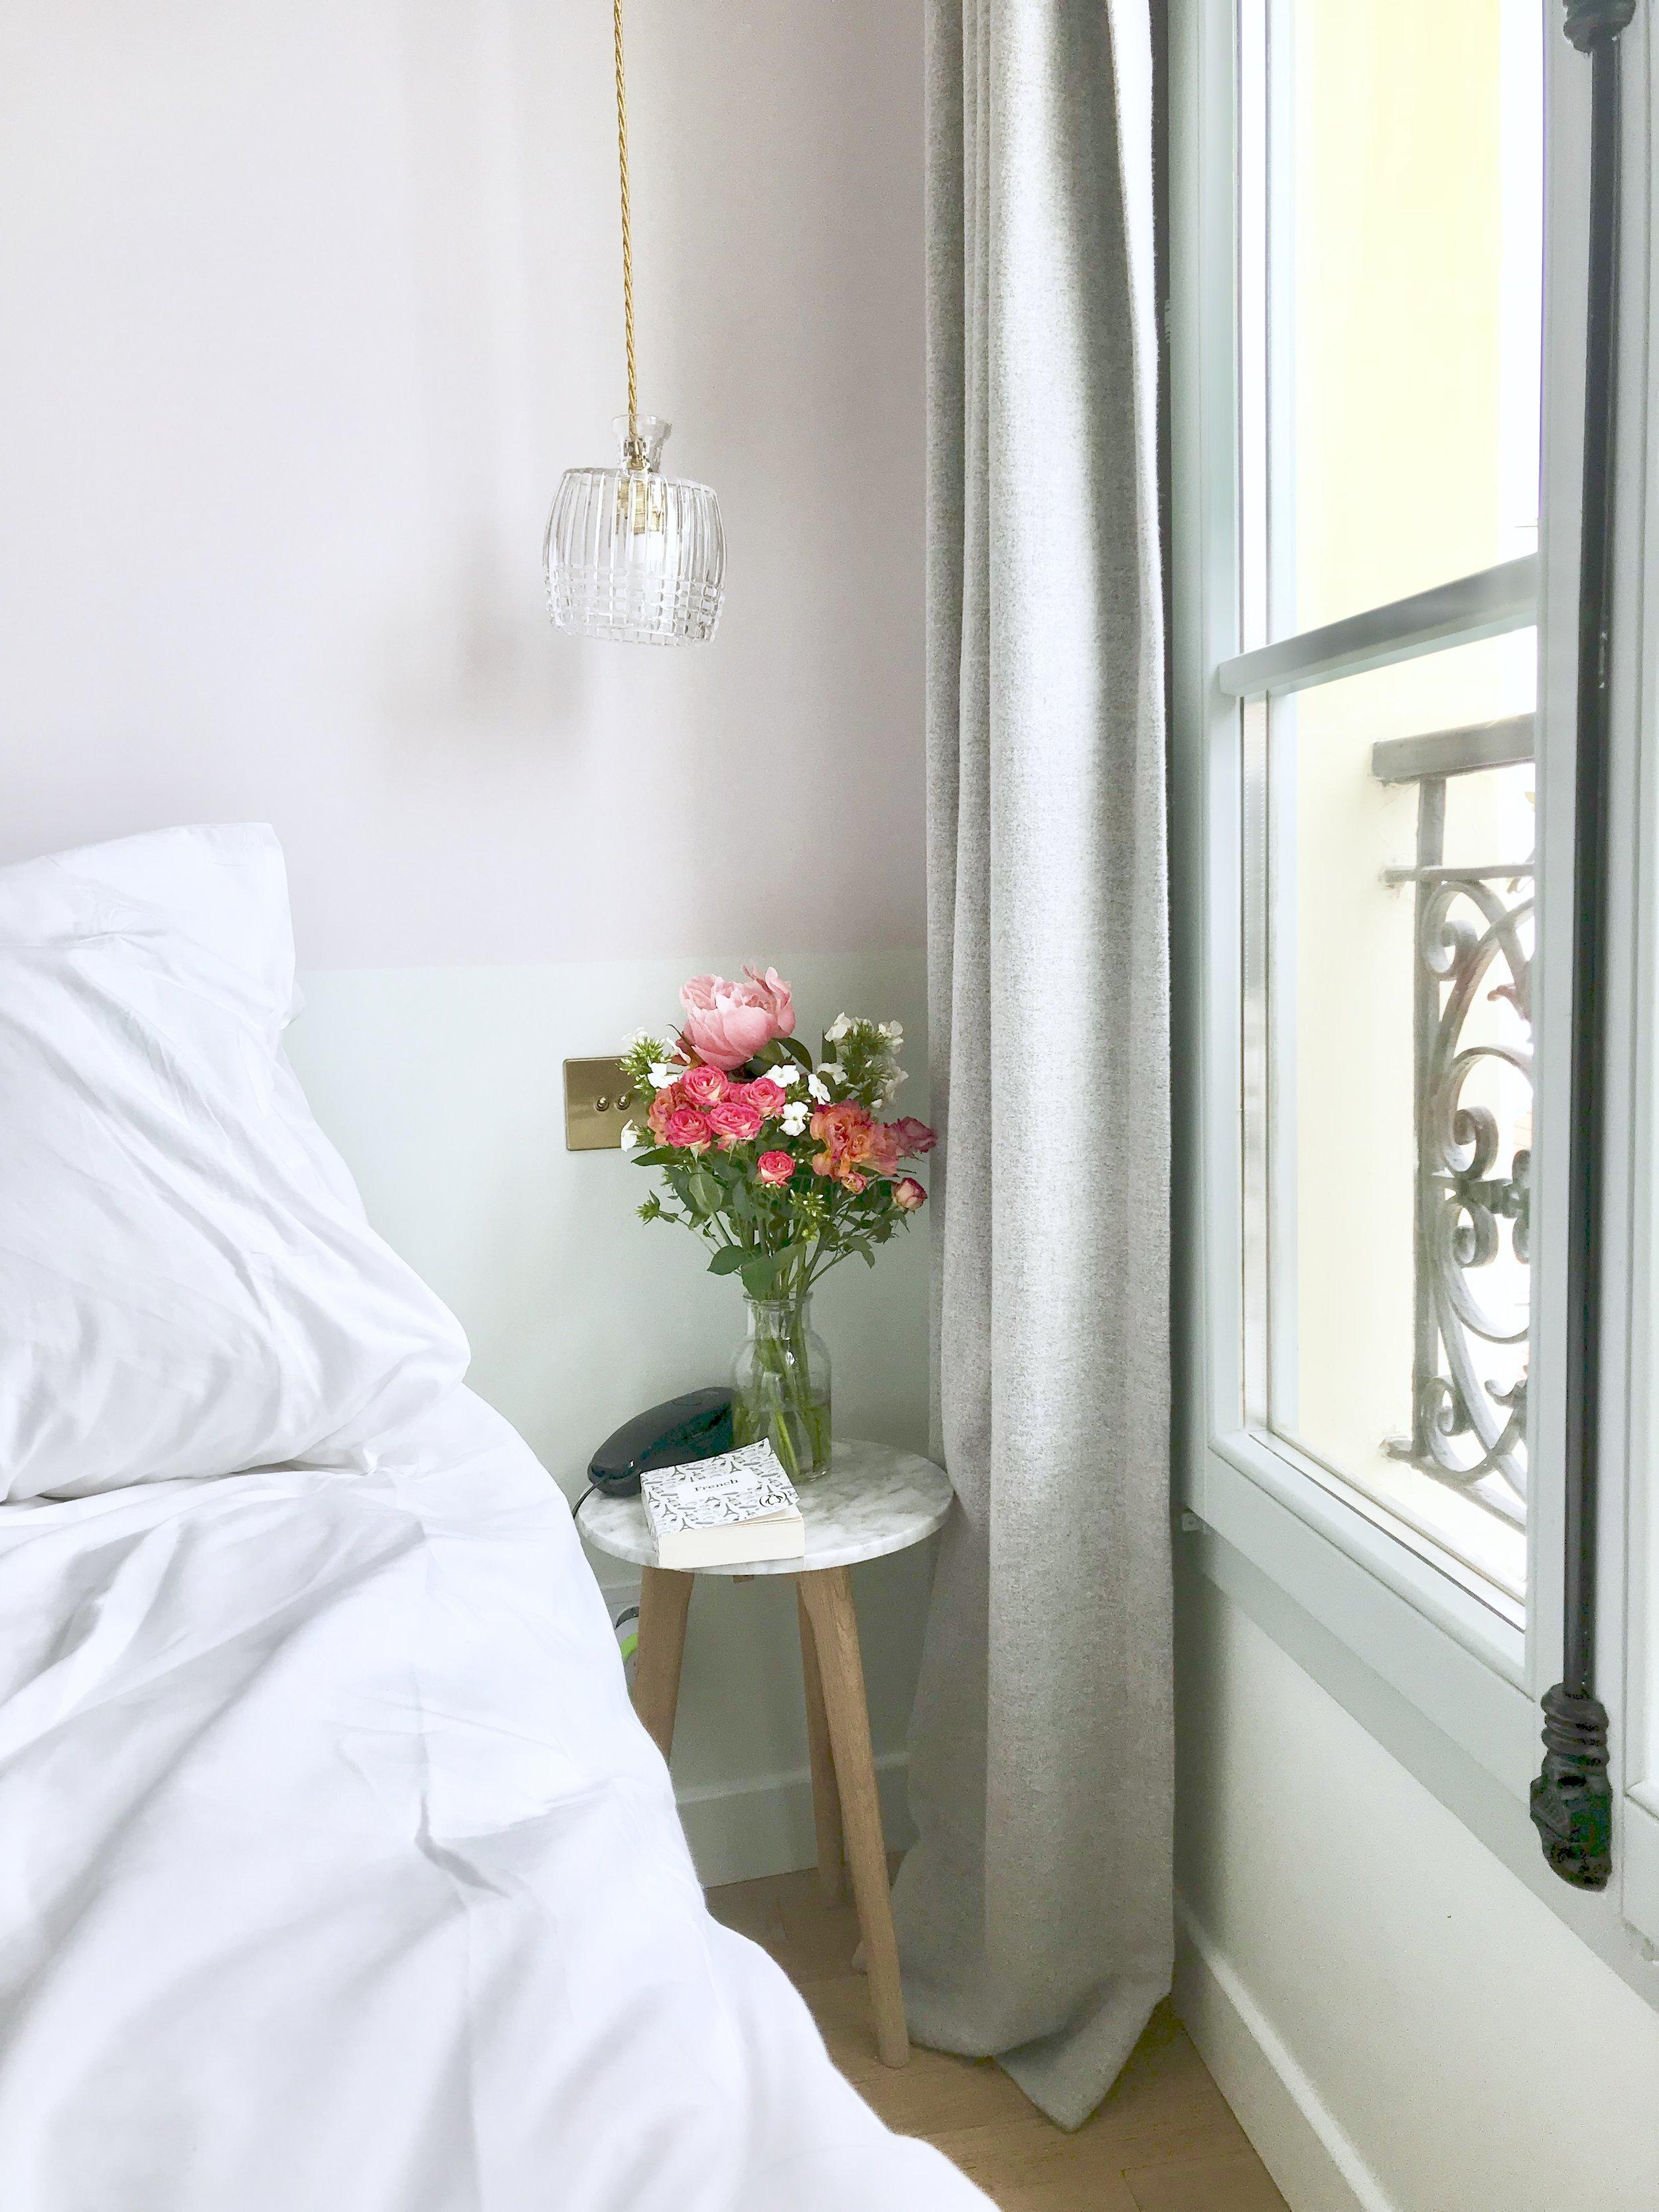 Hotel Henriette paris boutique hotel review 13th arrondissement